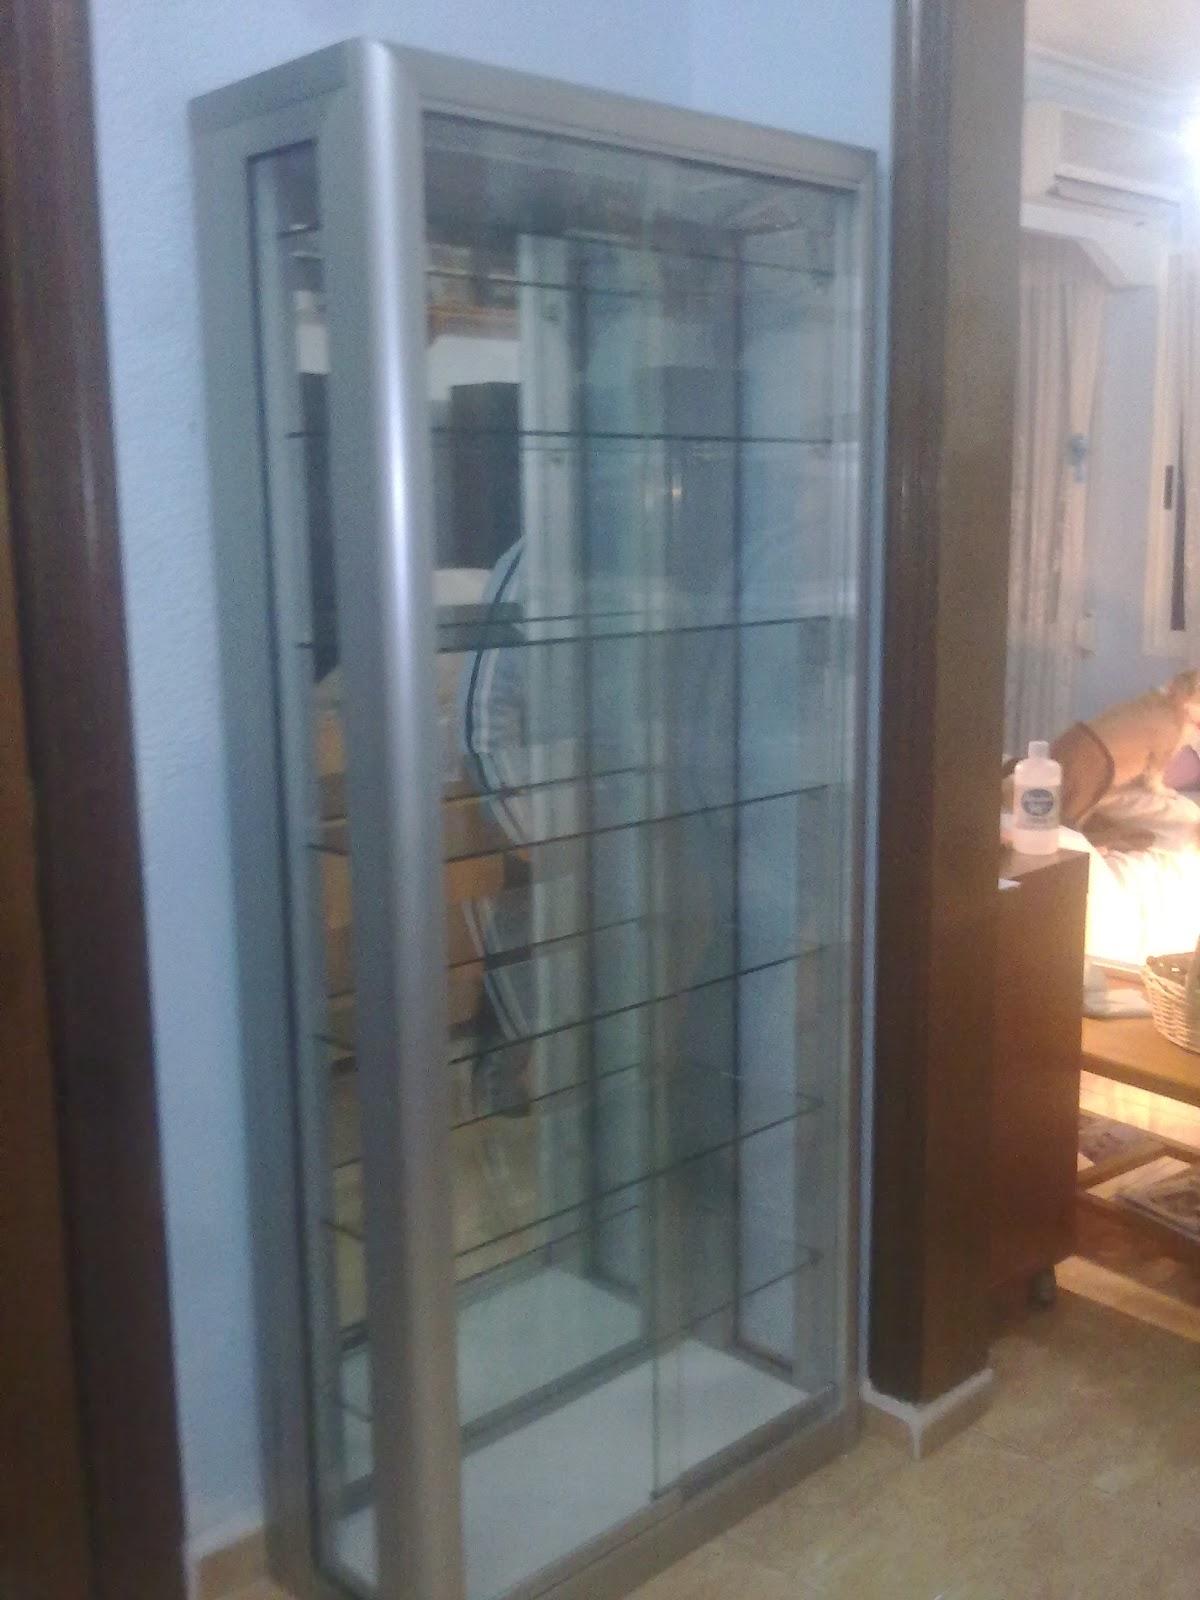 Maringlass aluminio vidrio urnas de cristal y vitrinas - Estanterias con puertas correderas ...